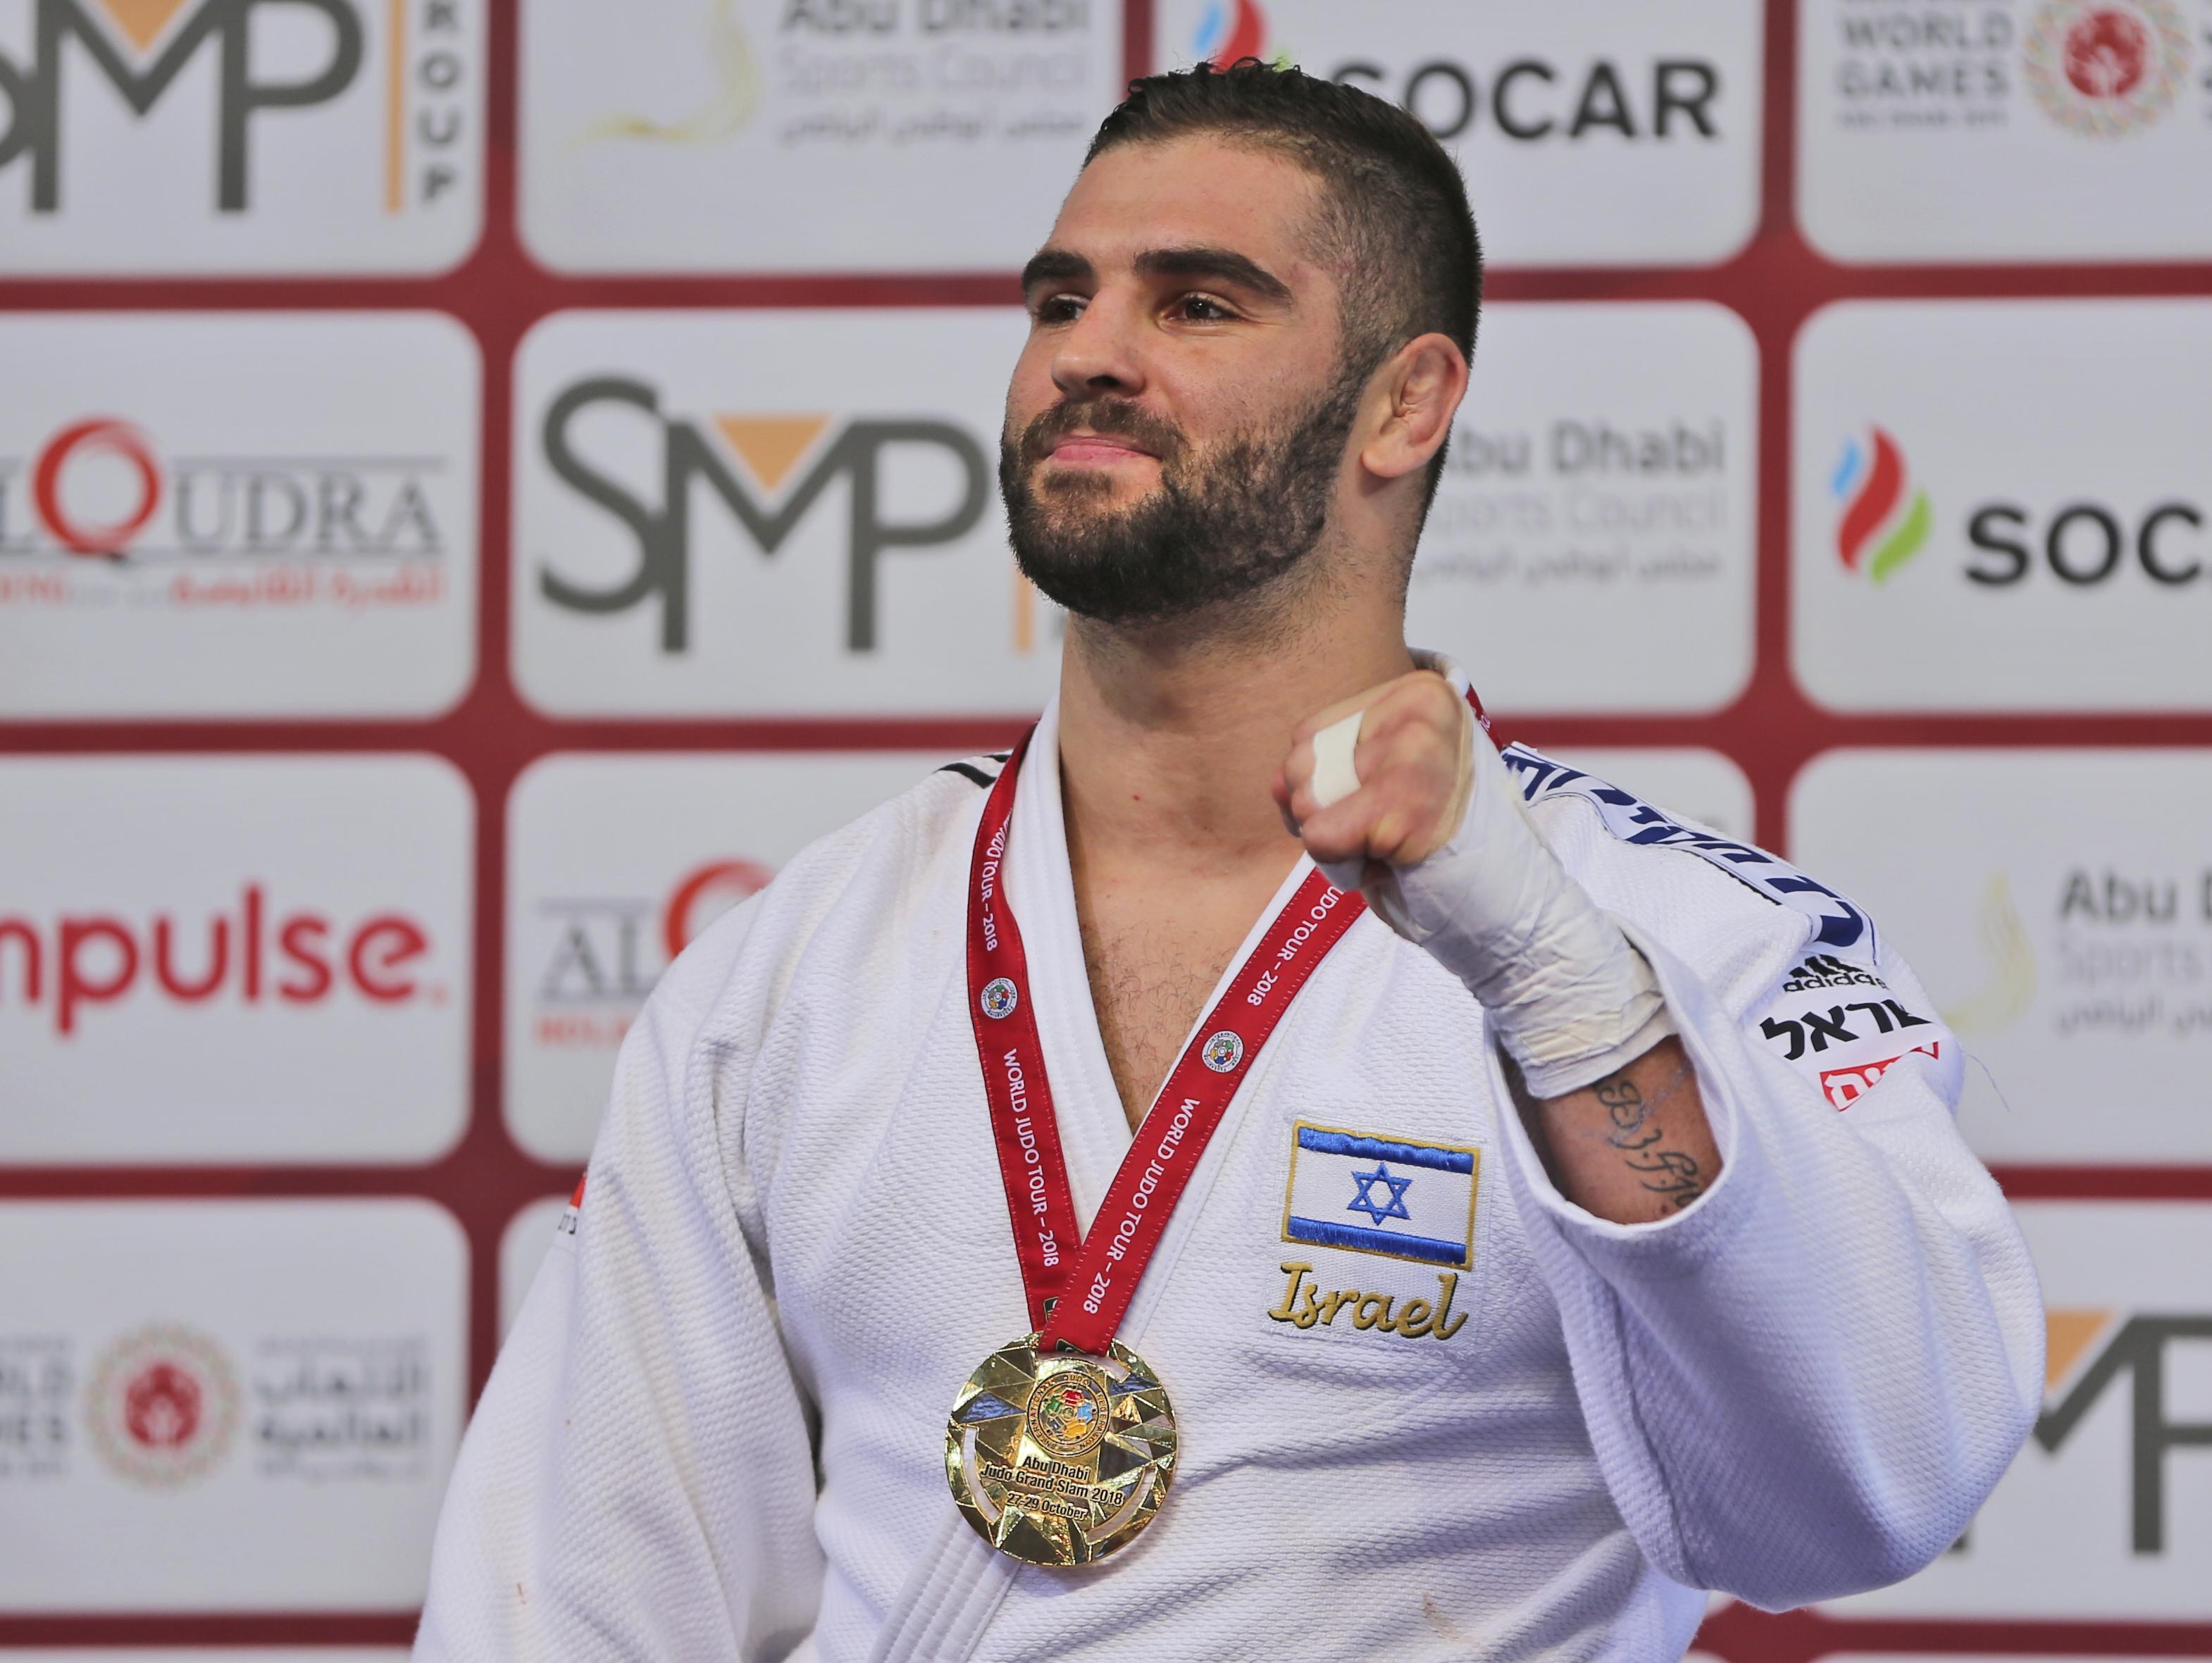 ג'ודו: פיטר פלצ'יק זכה במדליית זהב בגרנד פרי האג